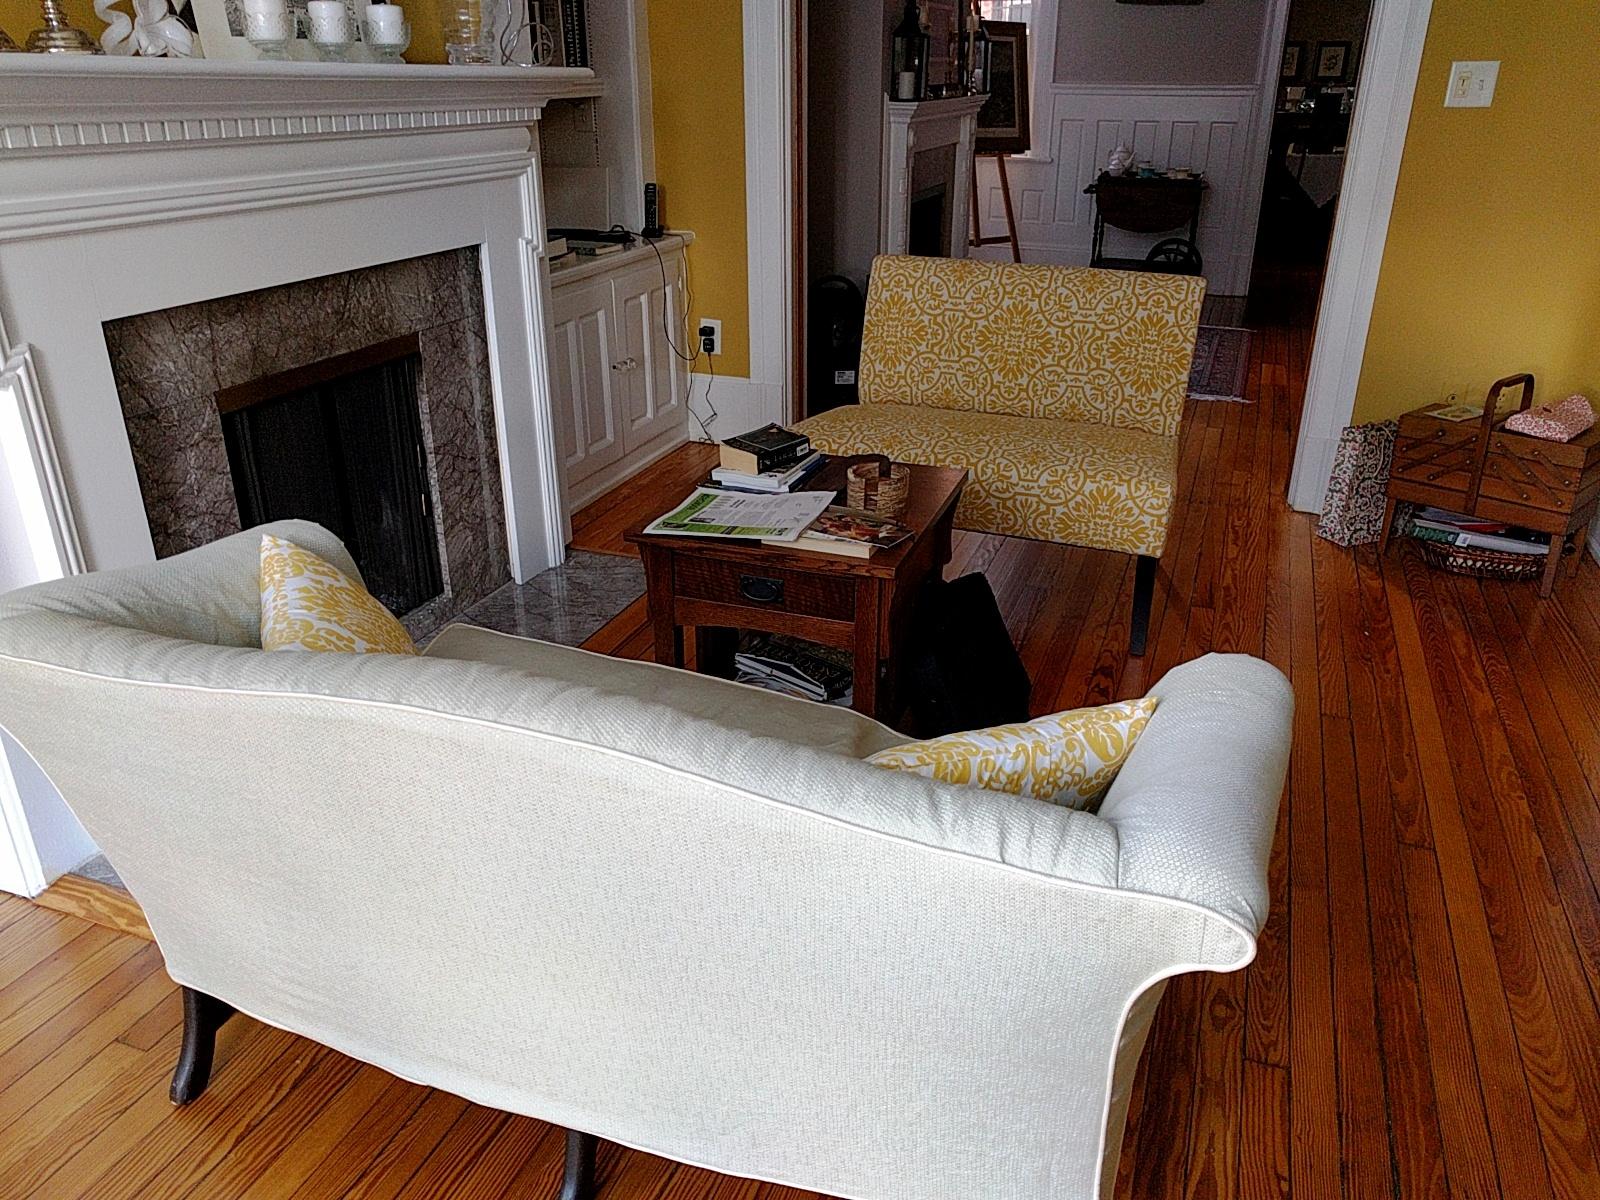 Tub Chair Slipcovers The Modern Mantua Maker